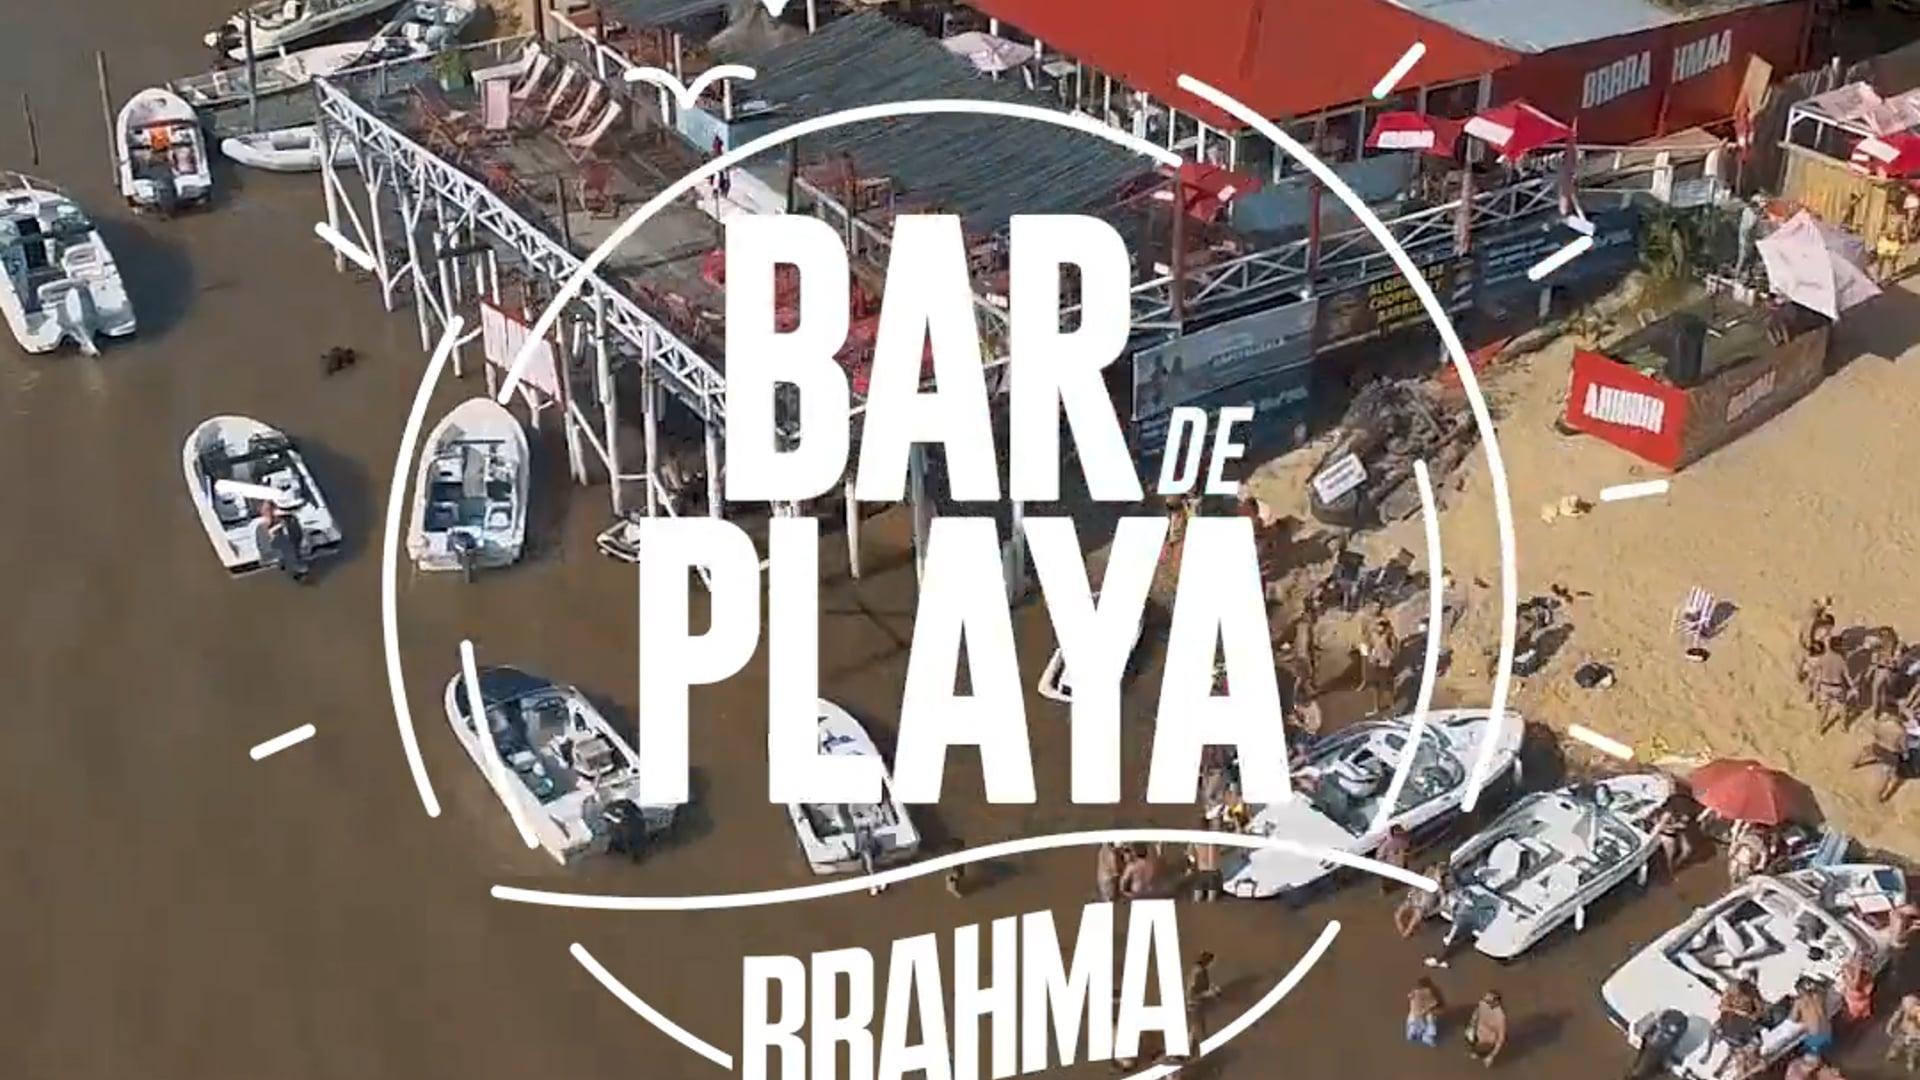 Brahma Bar De Playa - Rosario